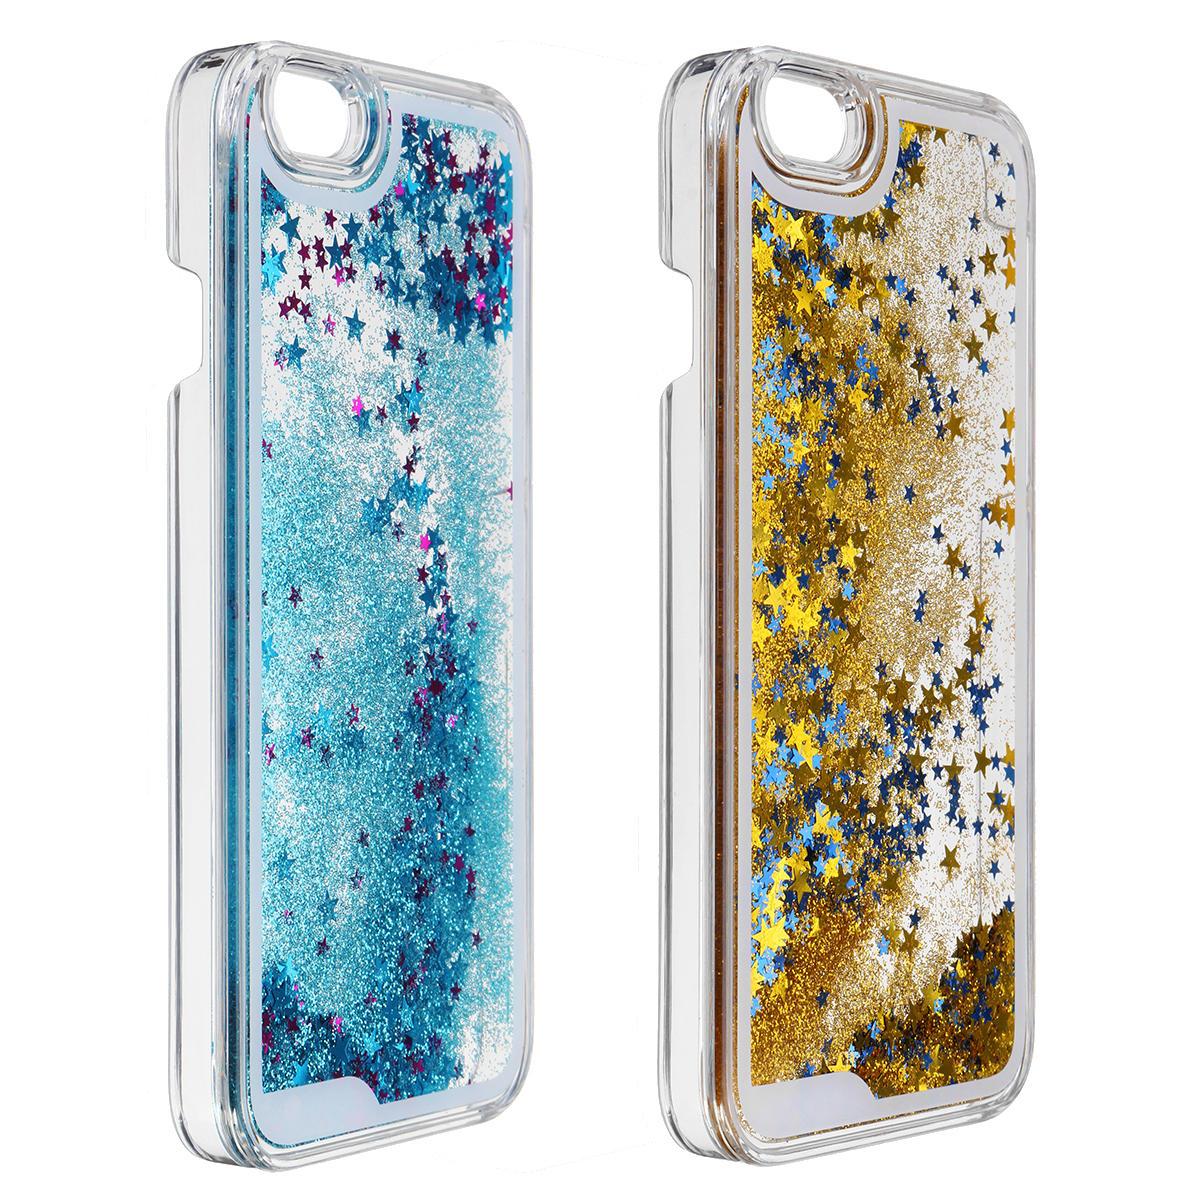 Динамическая жидкость С блестками Quicksand Жесткий ПК Protective Чехол для iPhone 6/6s